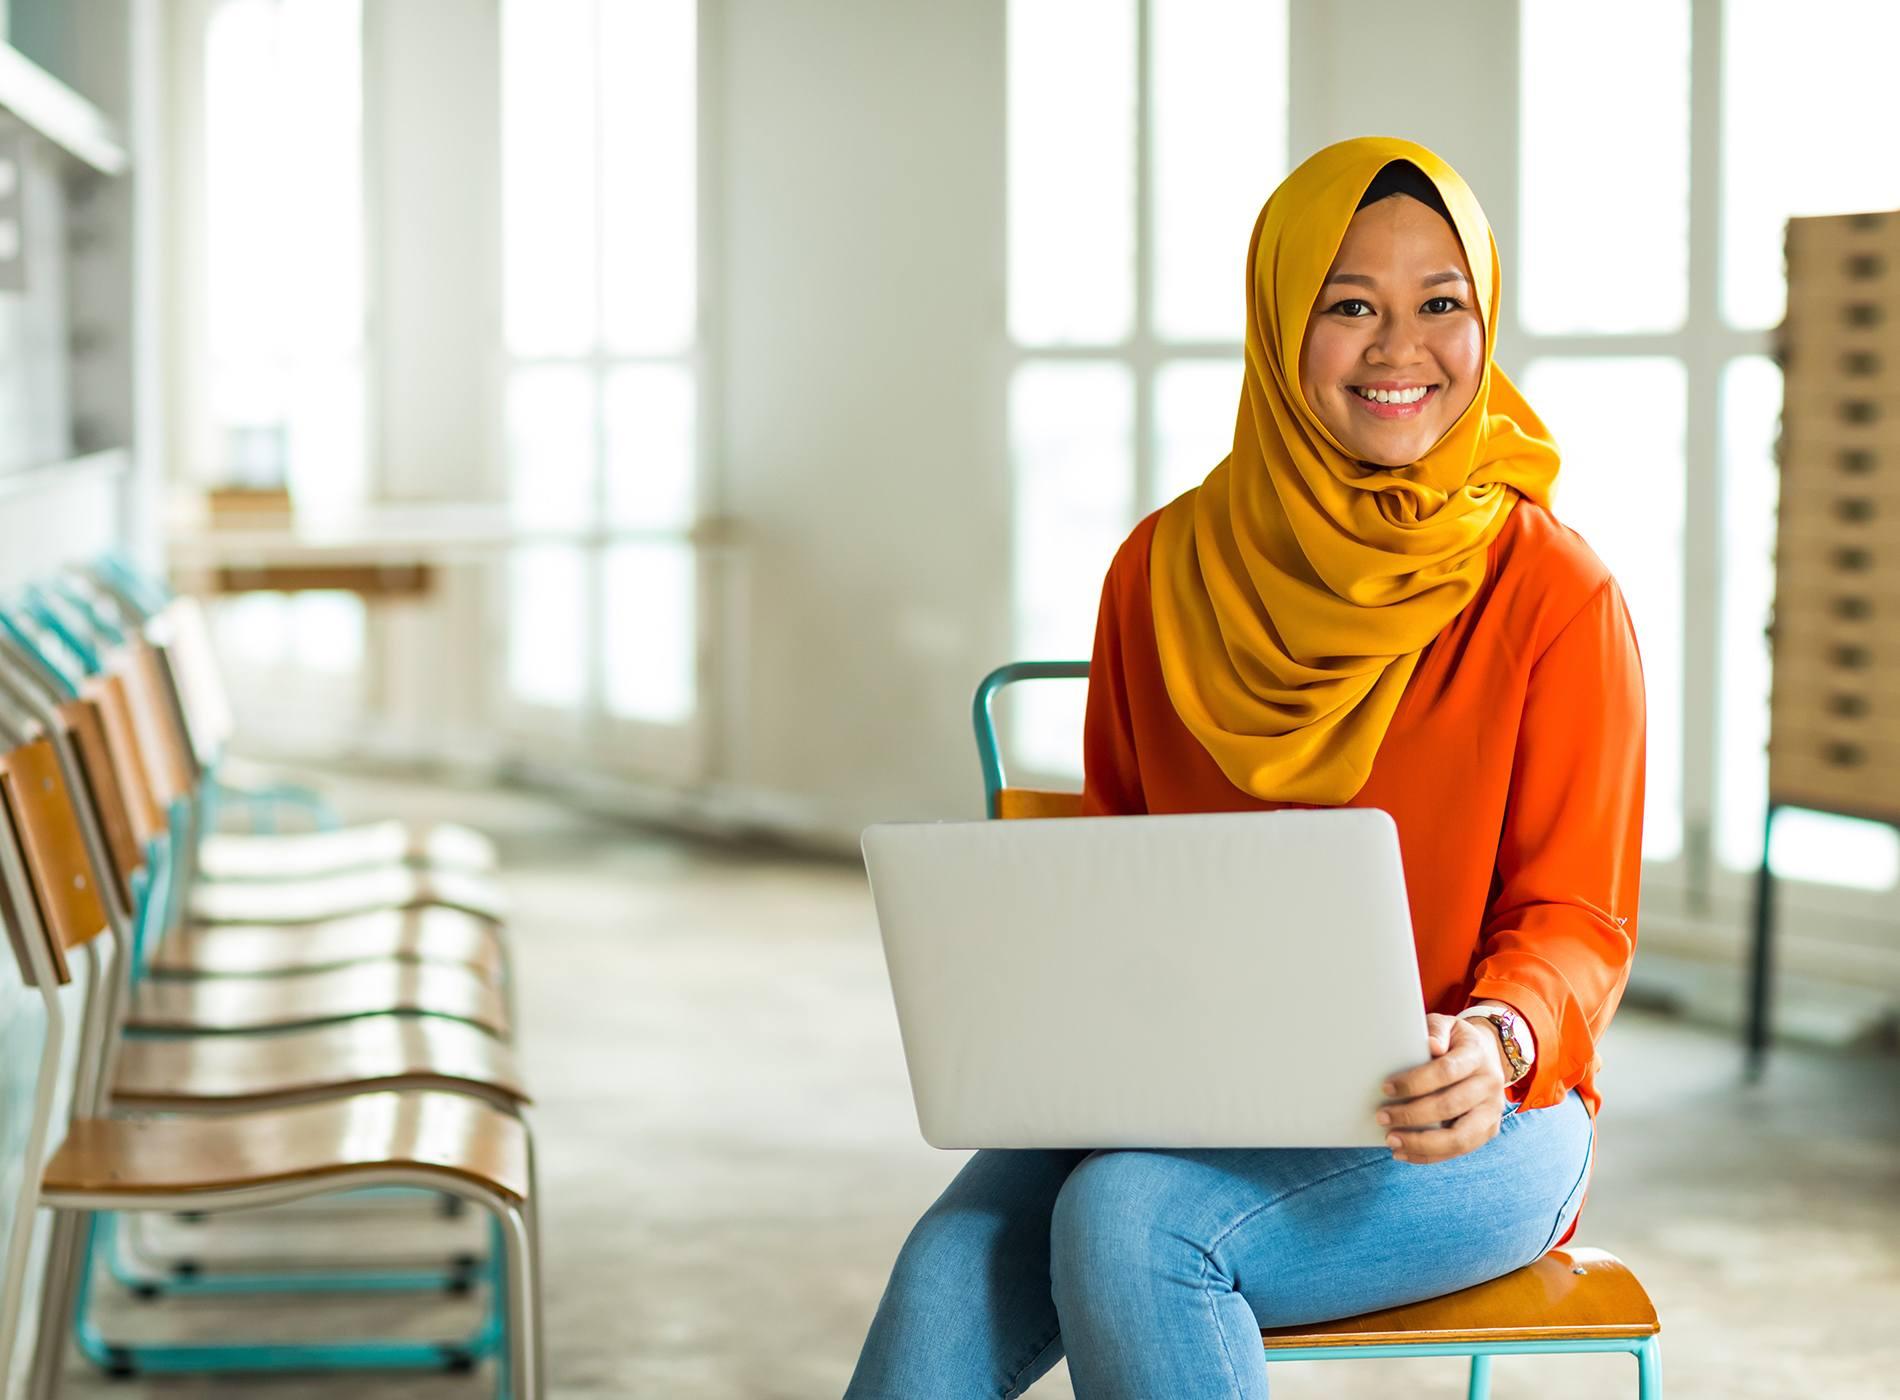 坐在椅子上使用筆記型電腦的女性